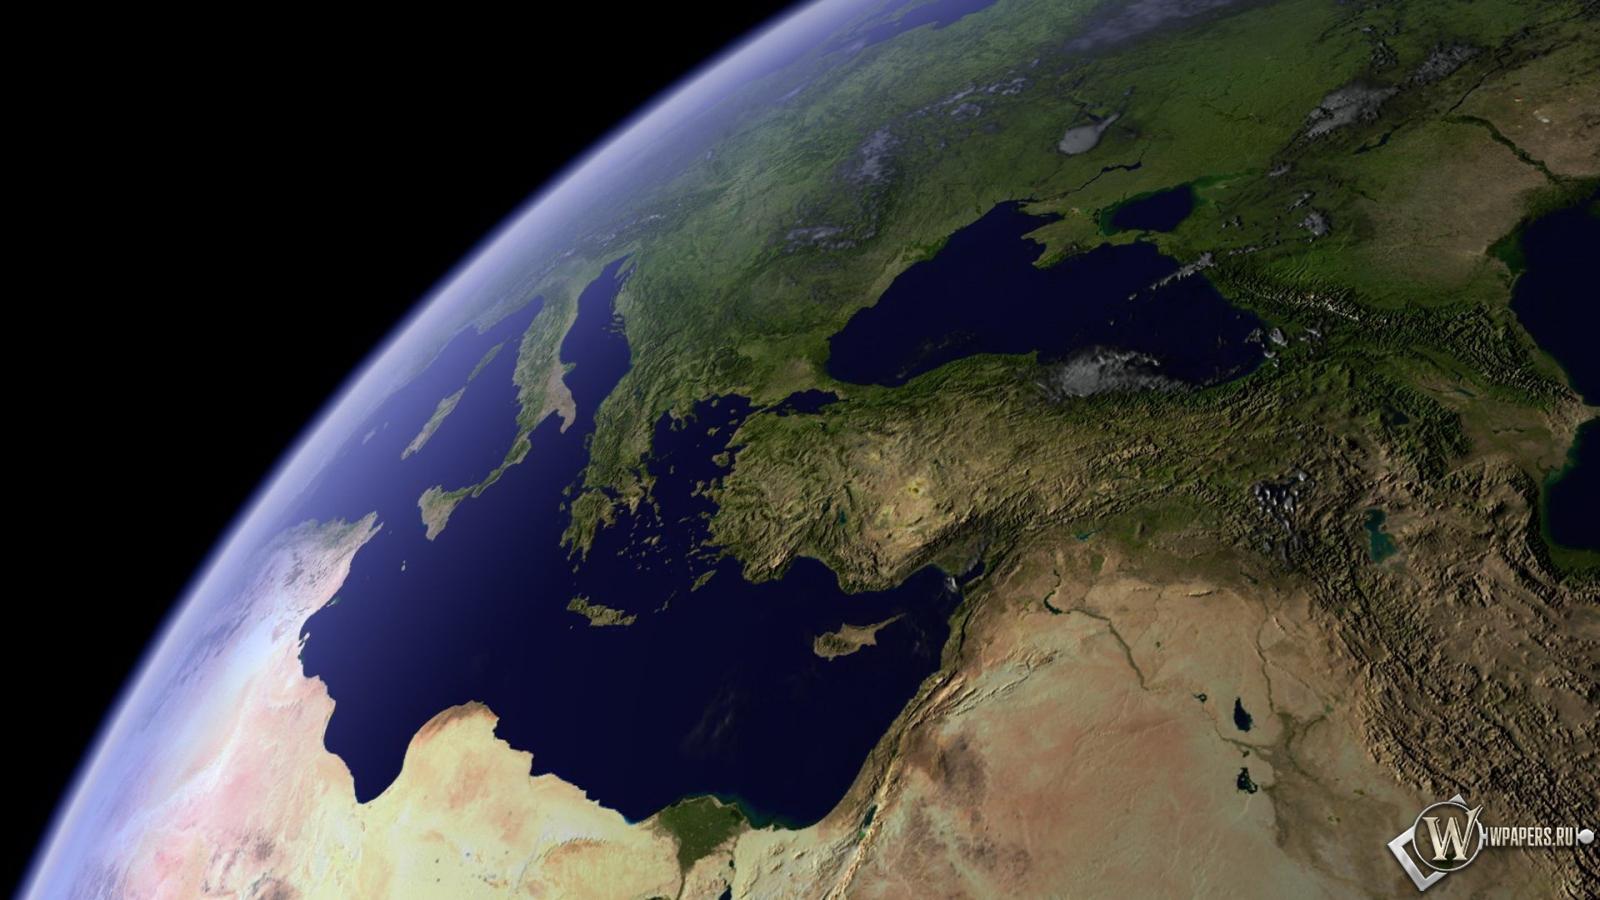 Планета гугл земля онлайн смотреть - e9f8a